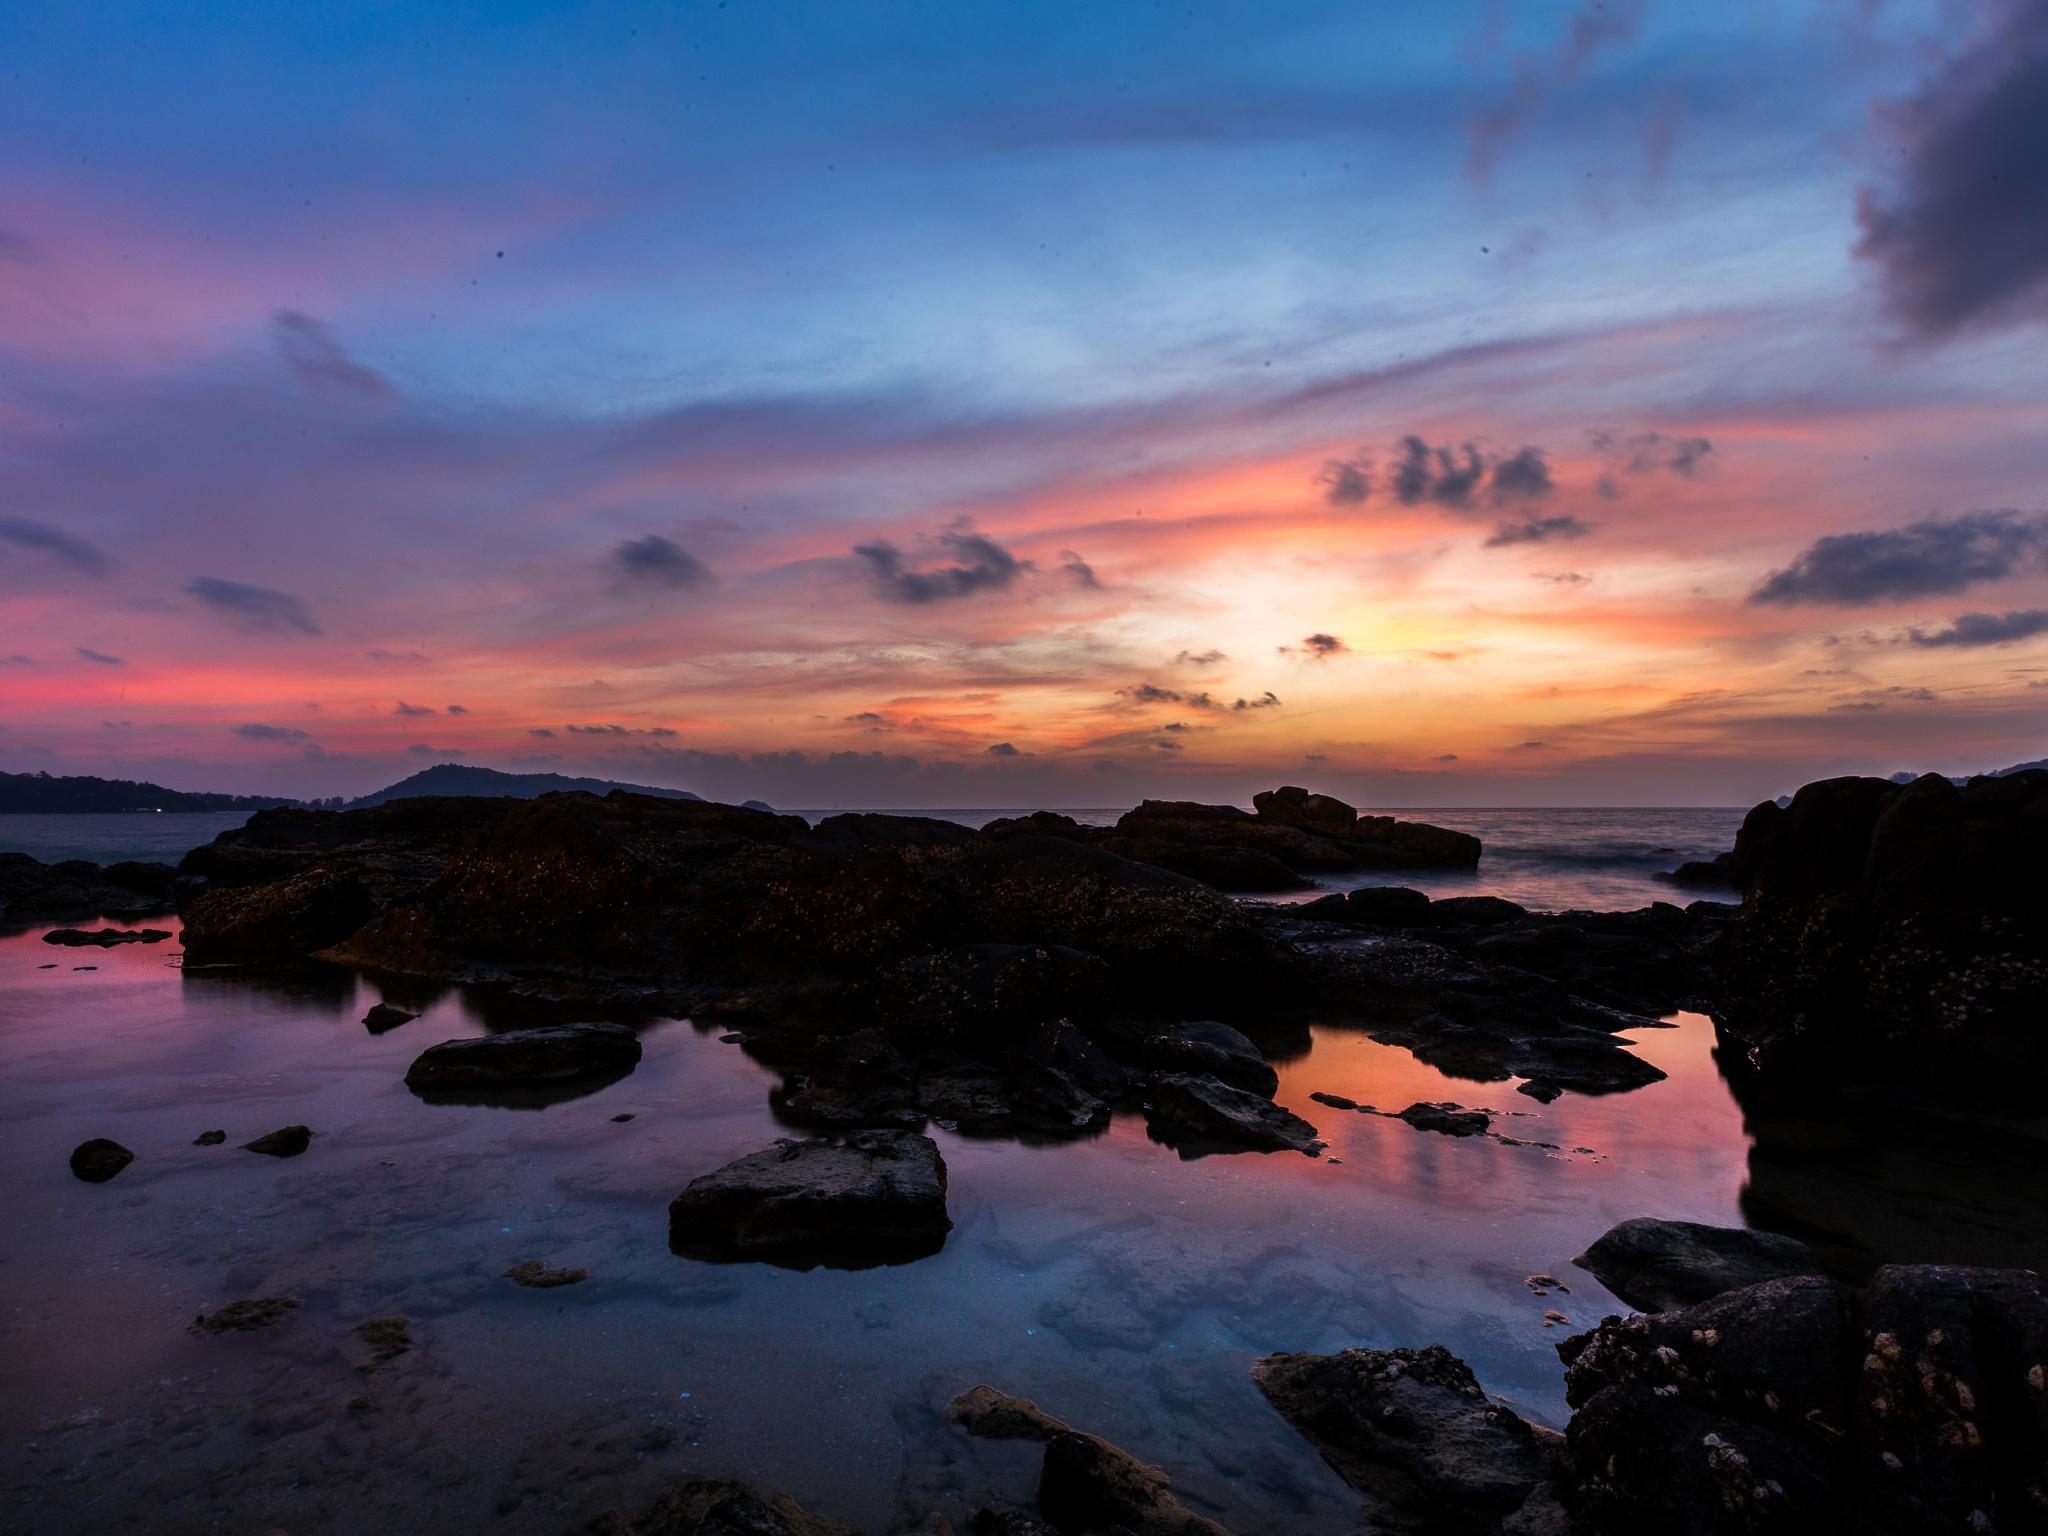 twilight by Kuad Krub